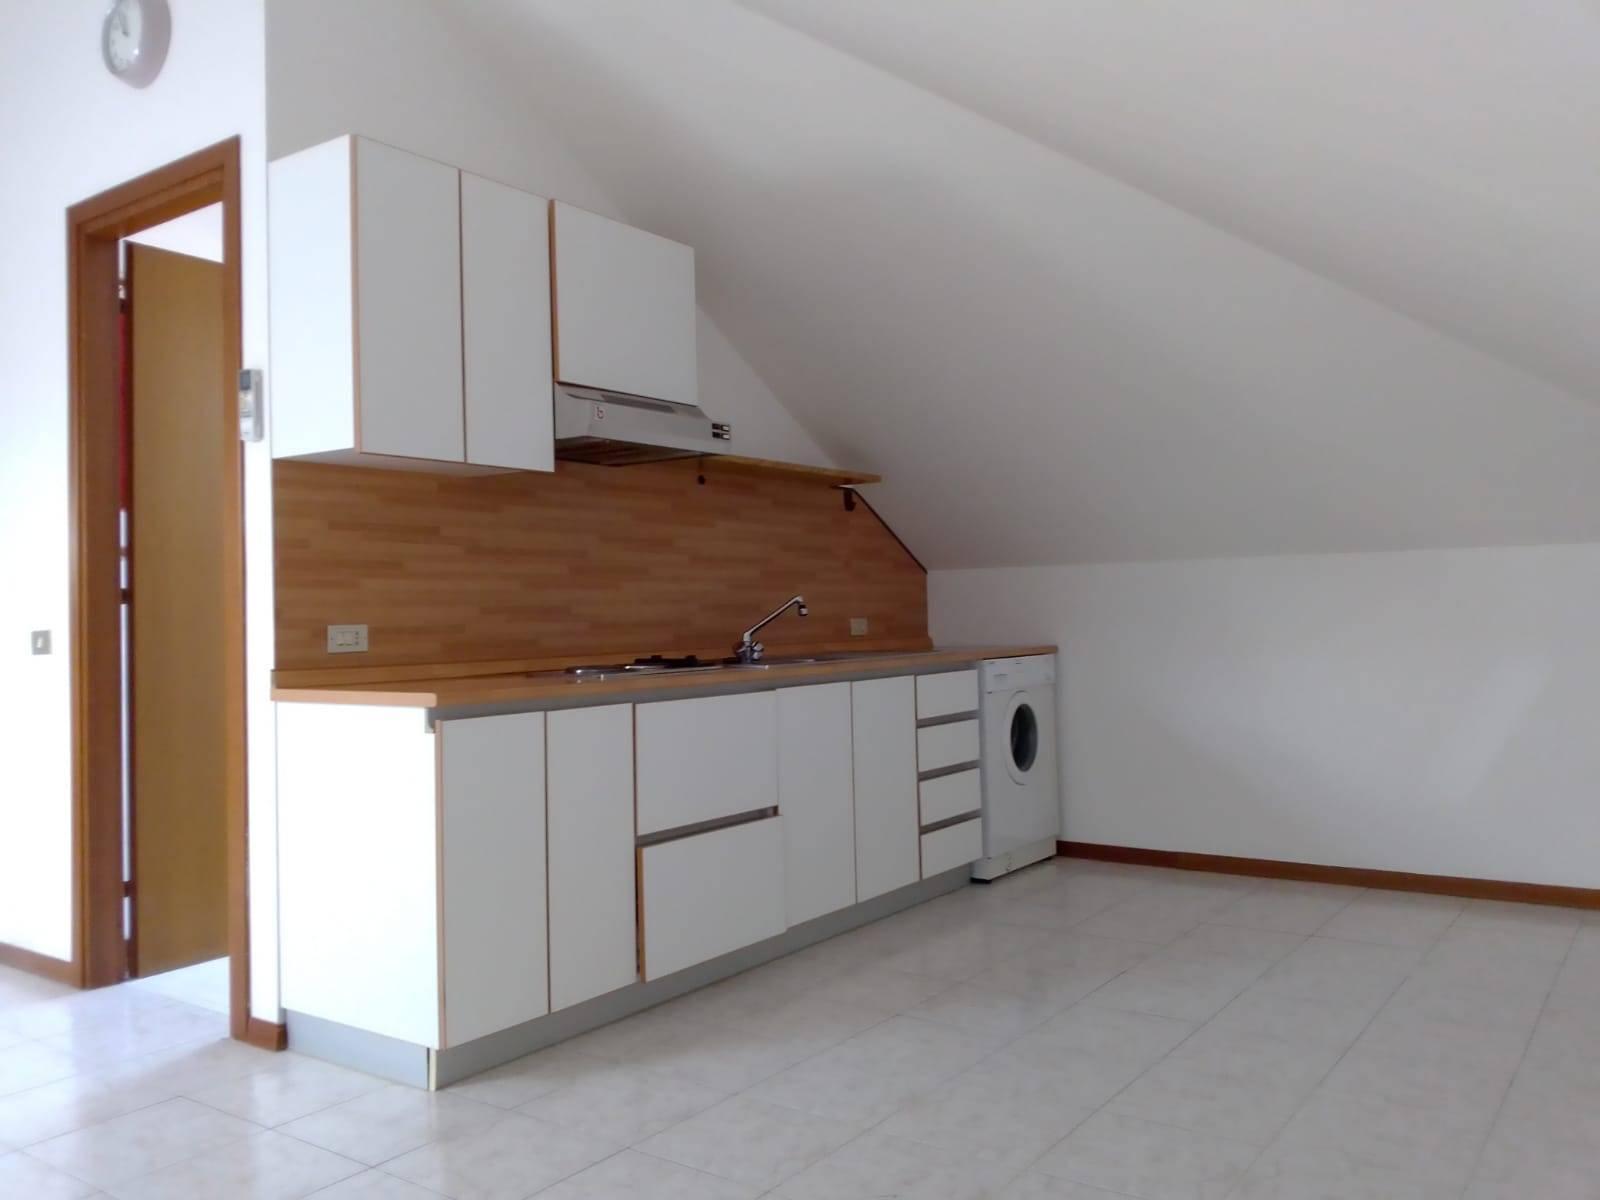 Appartamento in vendita a Castellanza, 2 locali, prezzo € 69.000 | CambioCasa.it